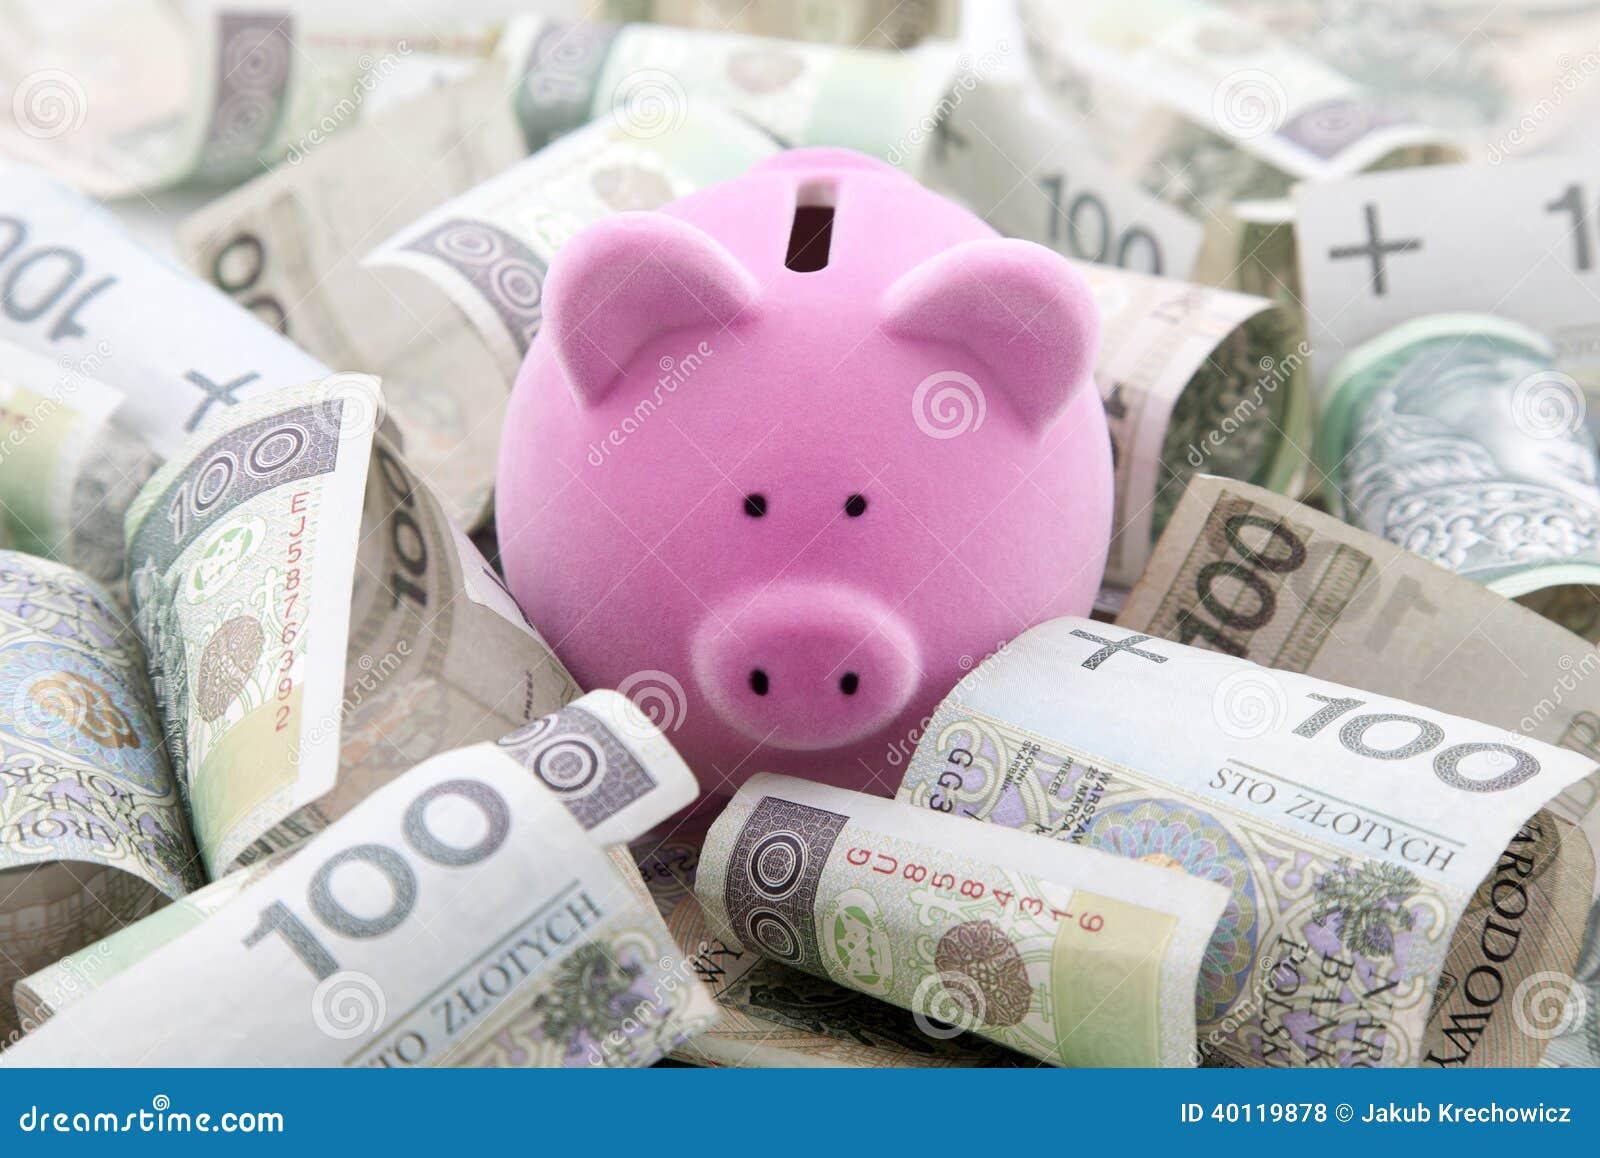 Sparschwein mit polnischem Geld